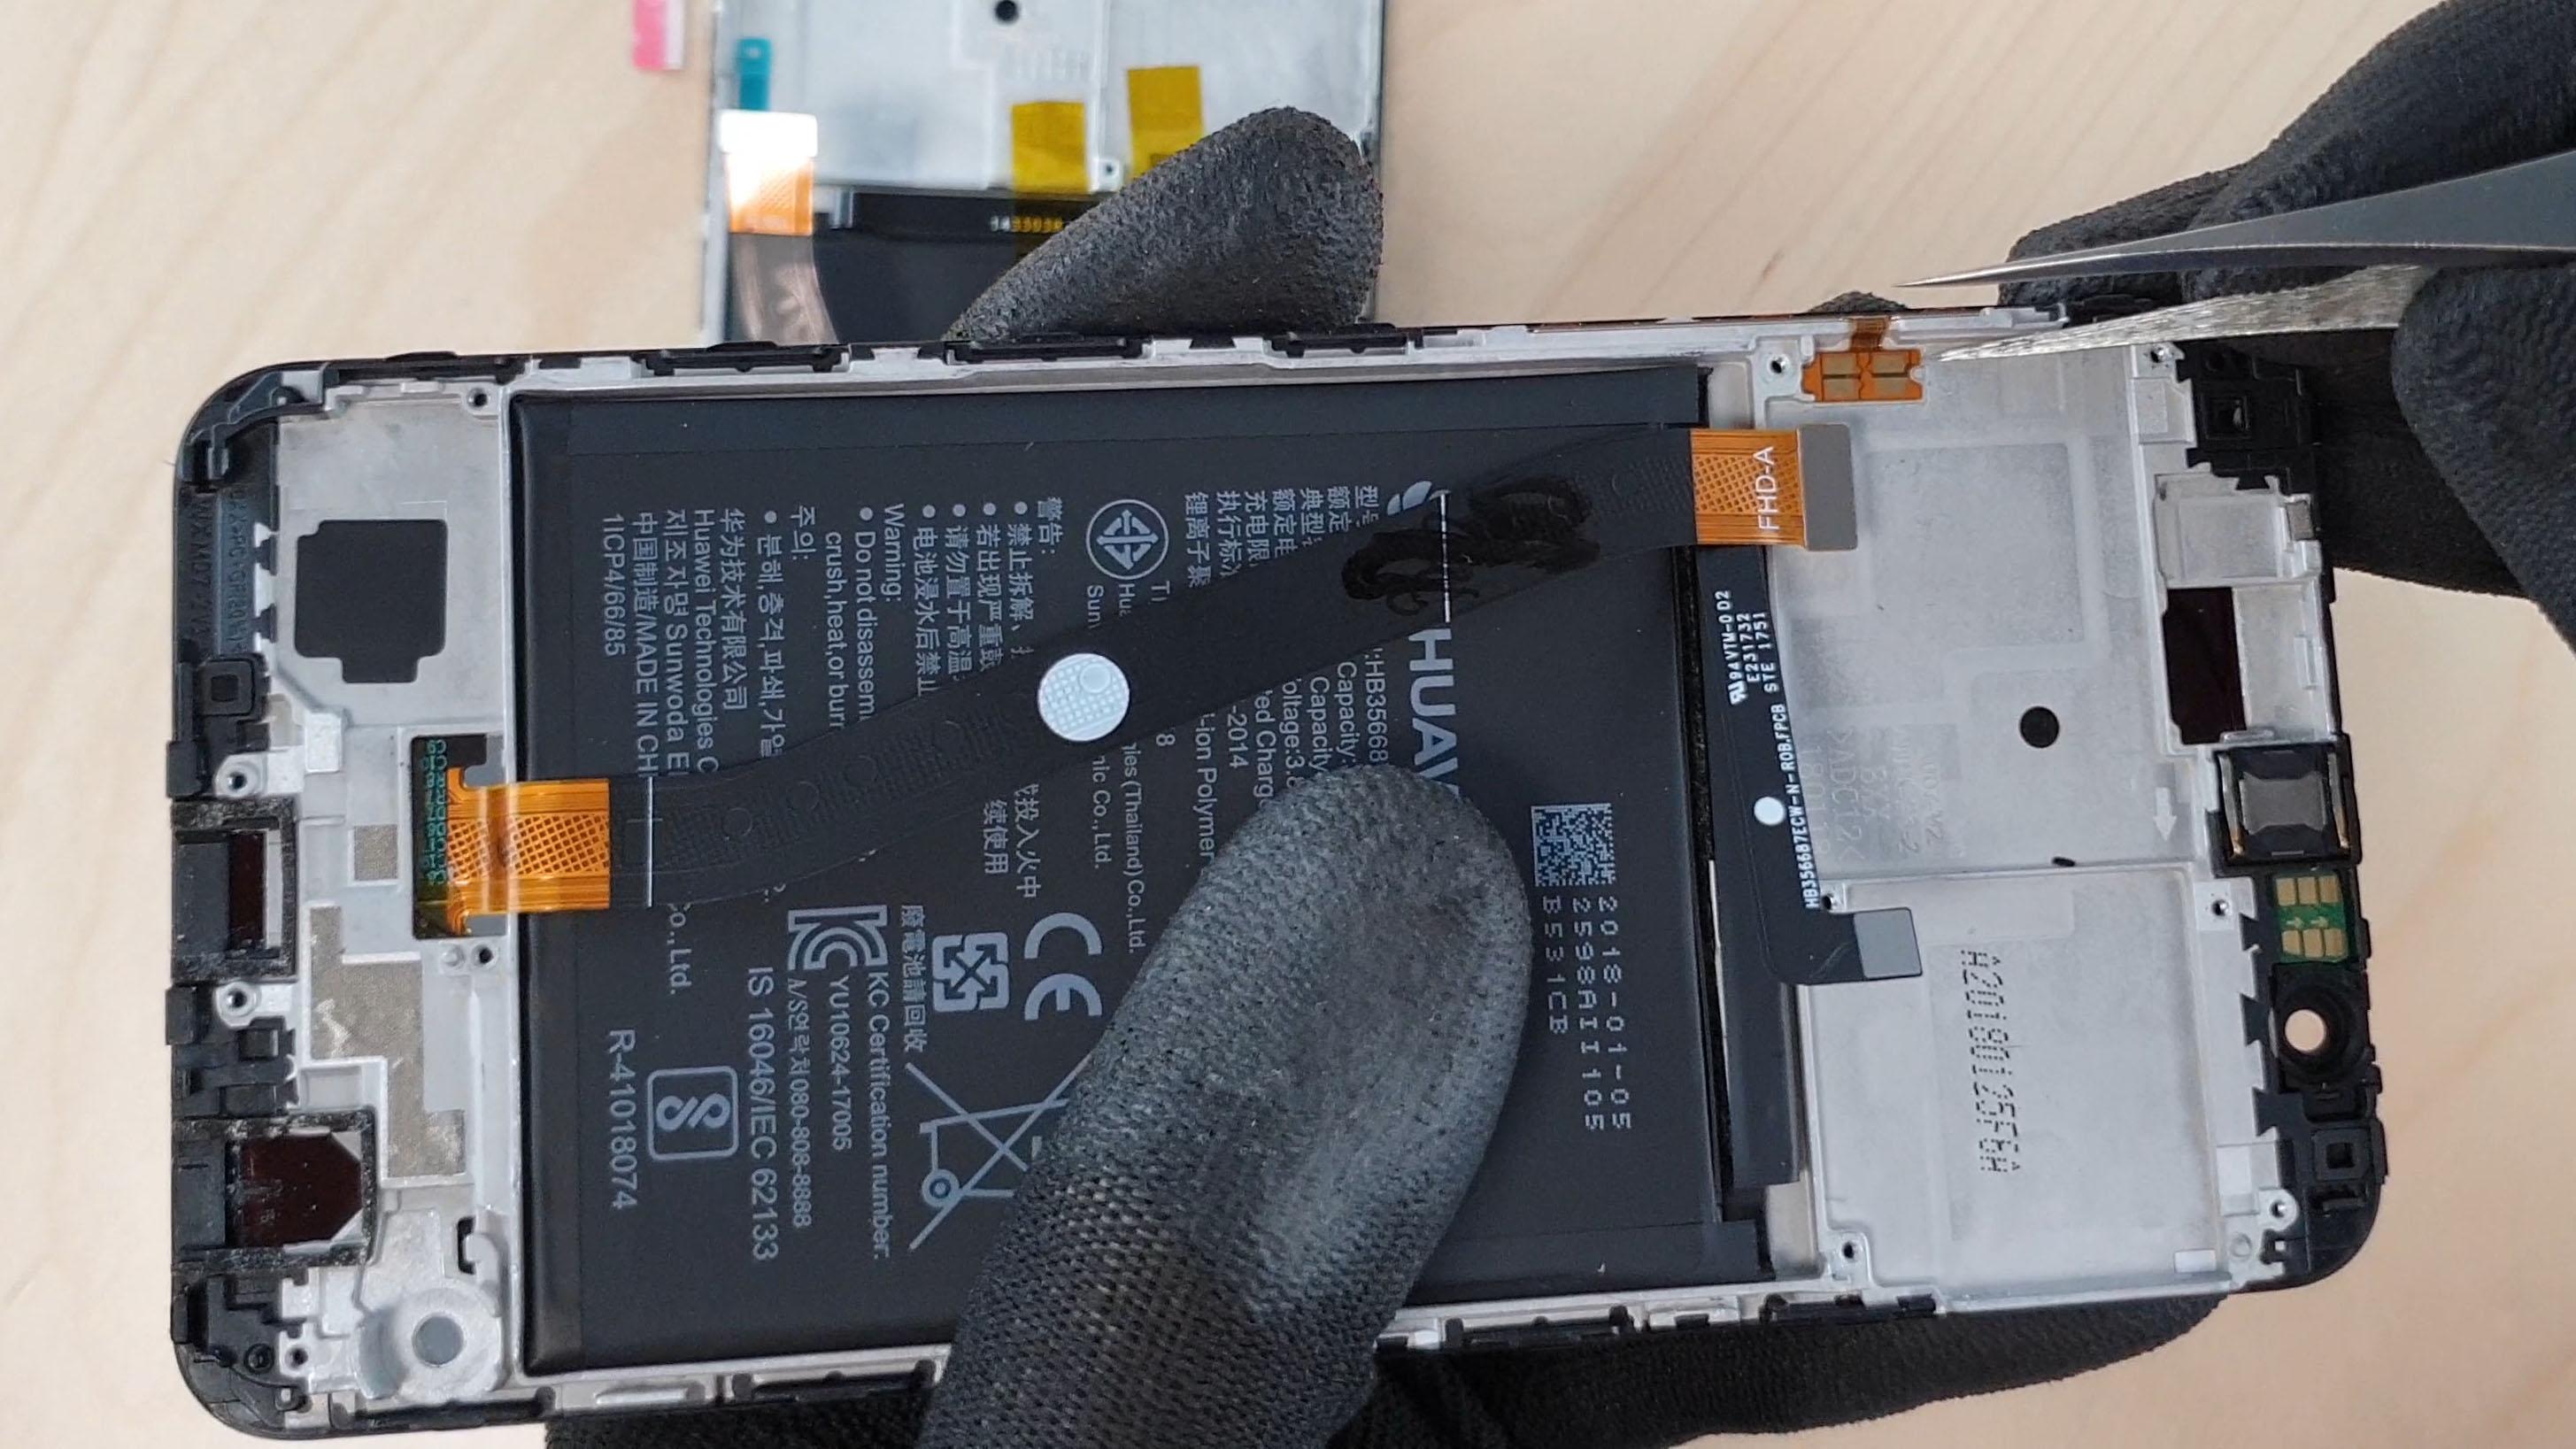 Le technicien enlève la nappe power/volume pour changer l'écran du honor 7x